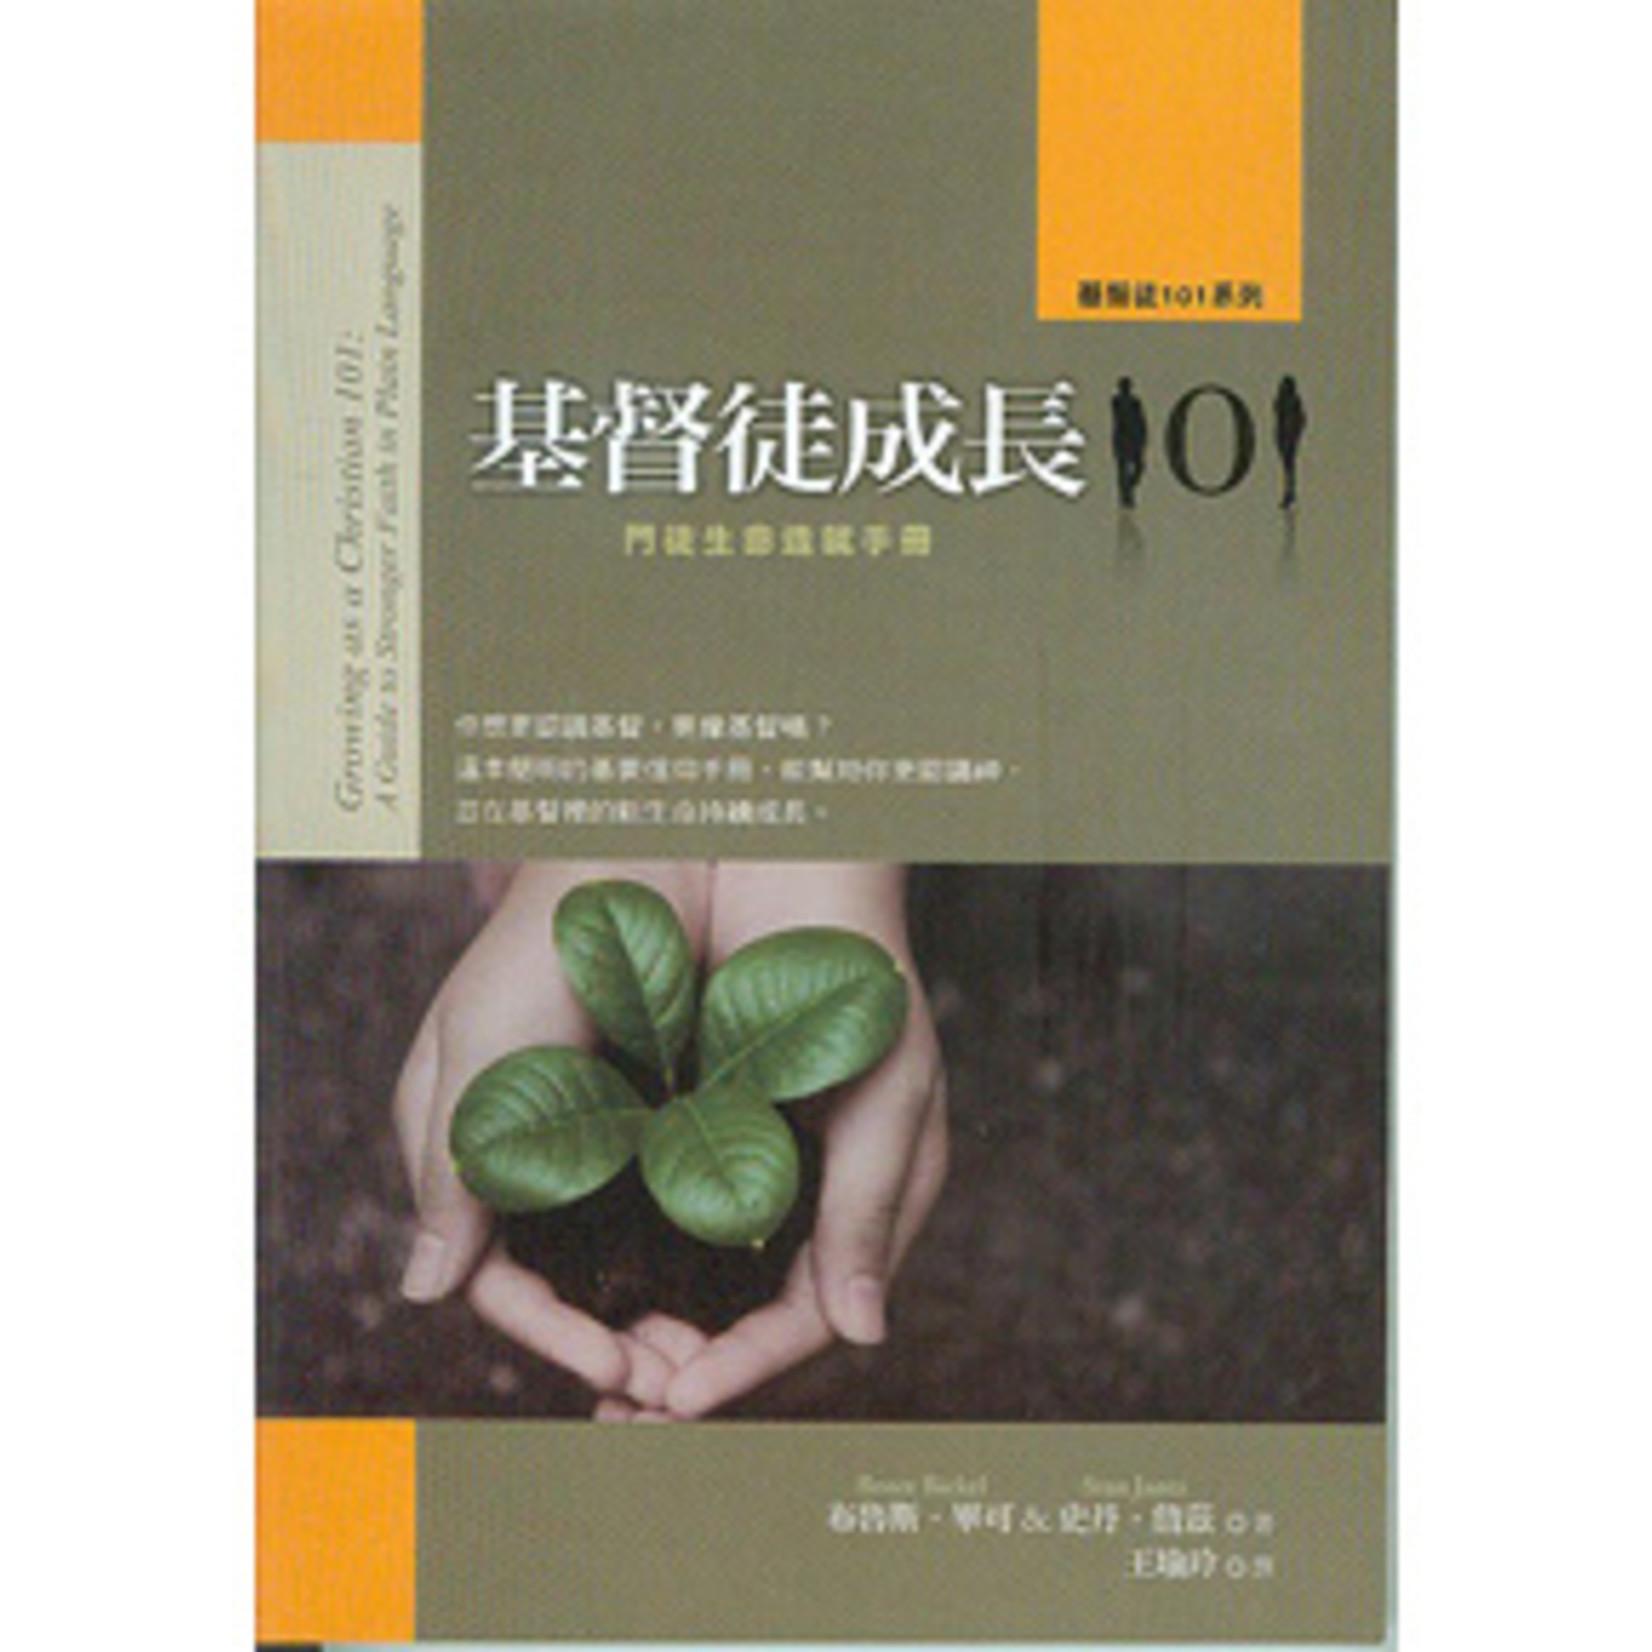 橄欖 Olive Press 基督徒成長101:門徒生命造就手冊 Growing as a Christian 101: a Guide to Stronger Faith in Plain Language